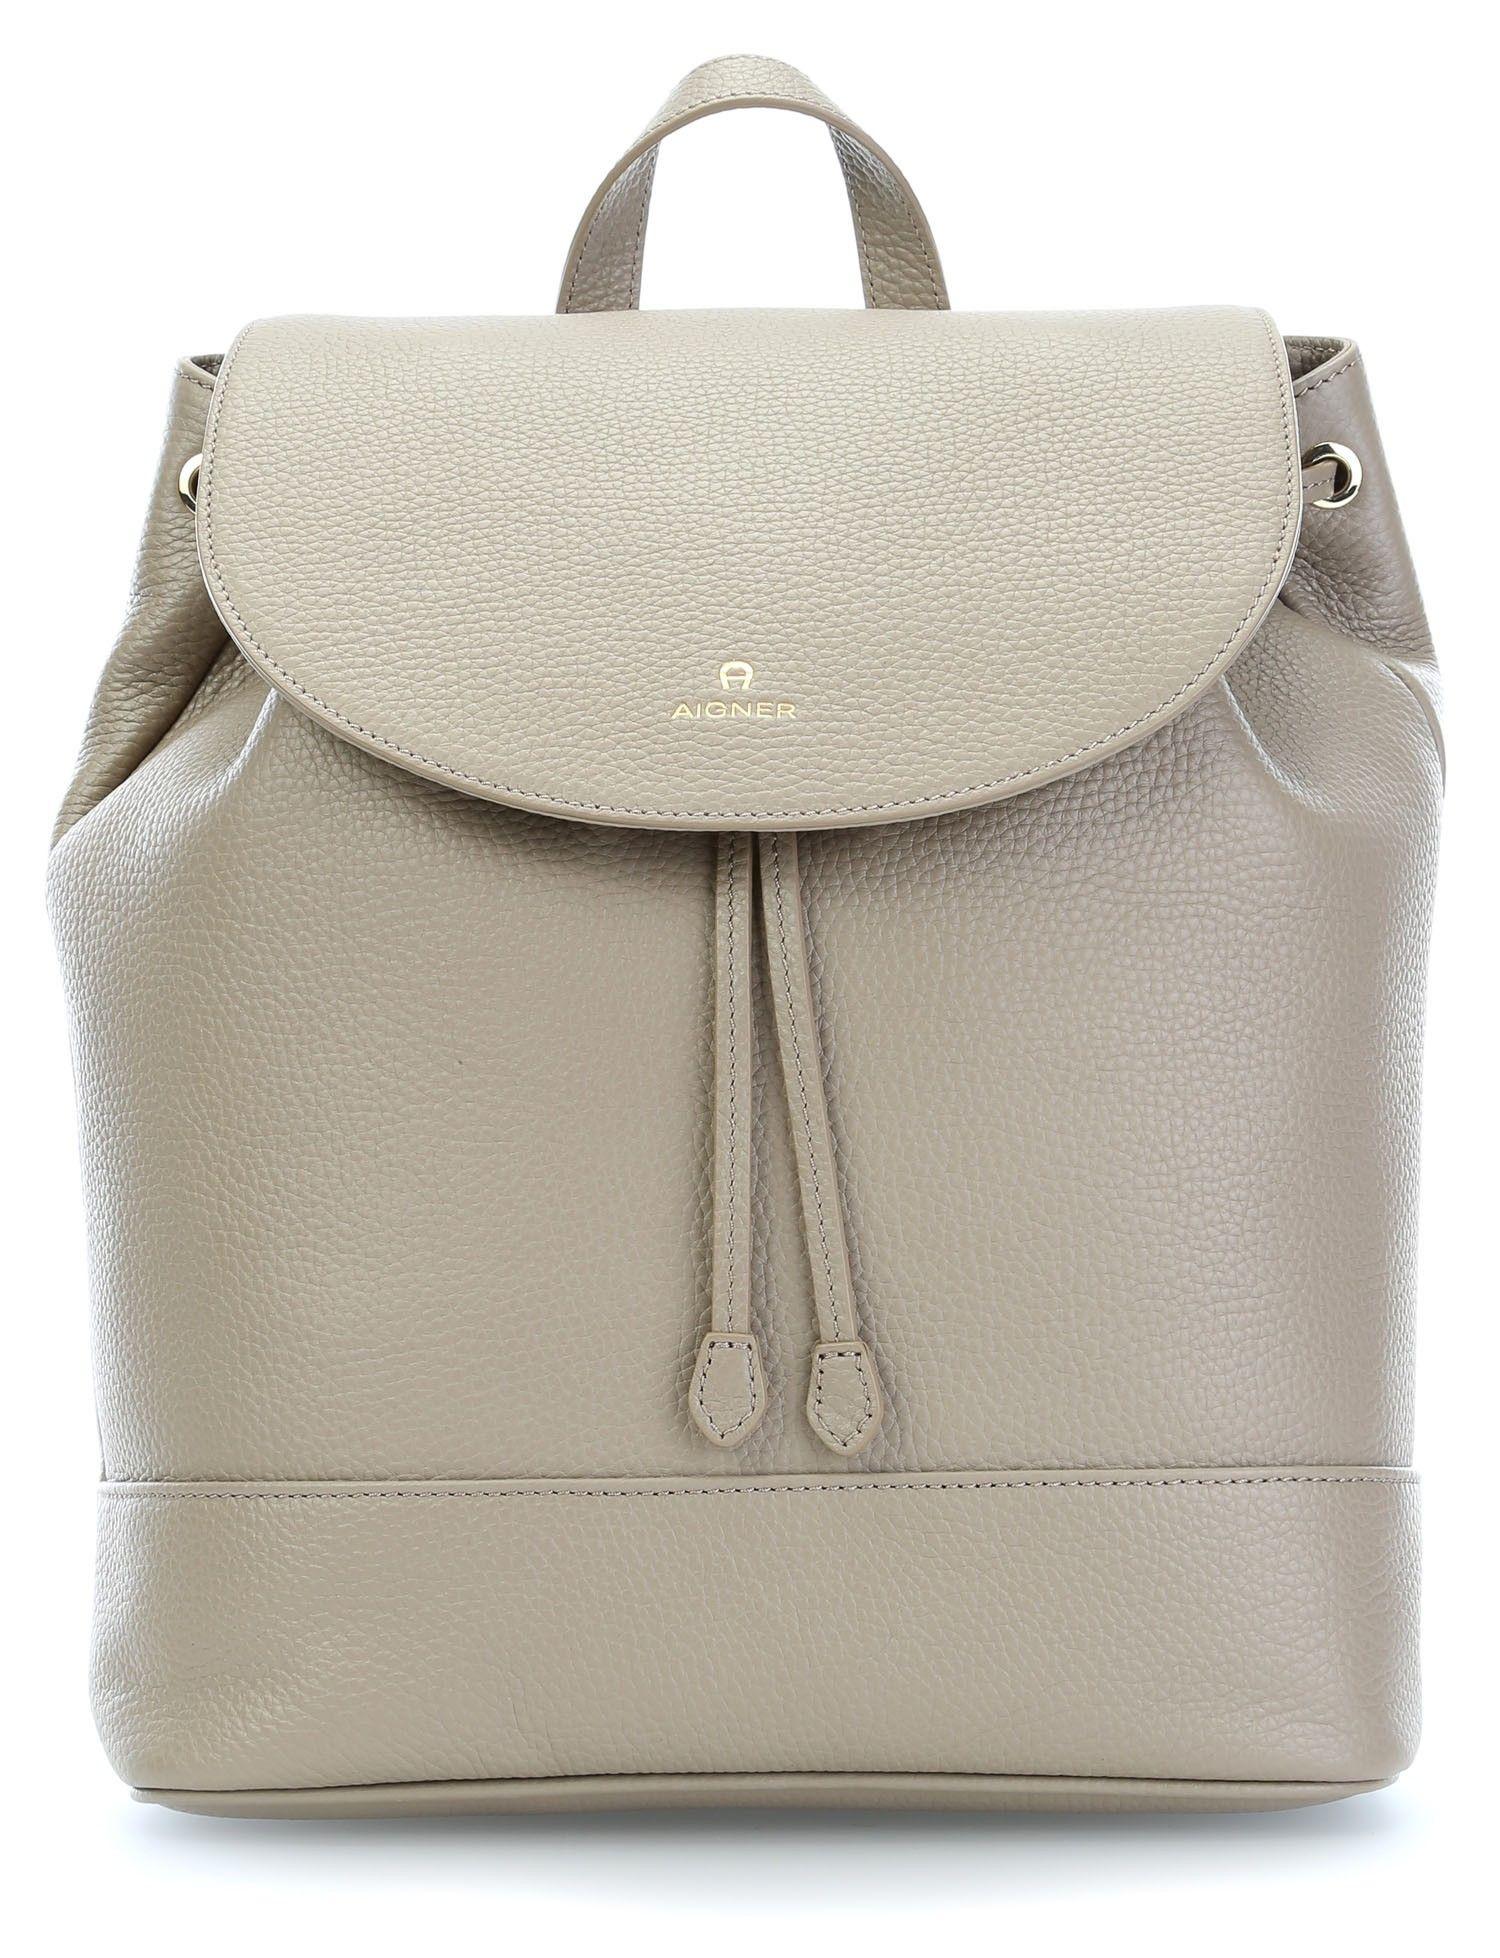 1581df13ca808 wardow.com -  backpack  Aigner Ivy Rucksack Leder taupe 35 cm ...